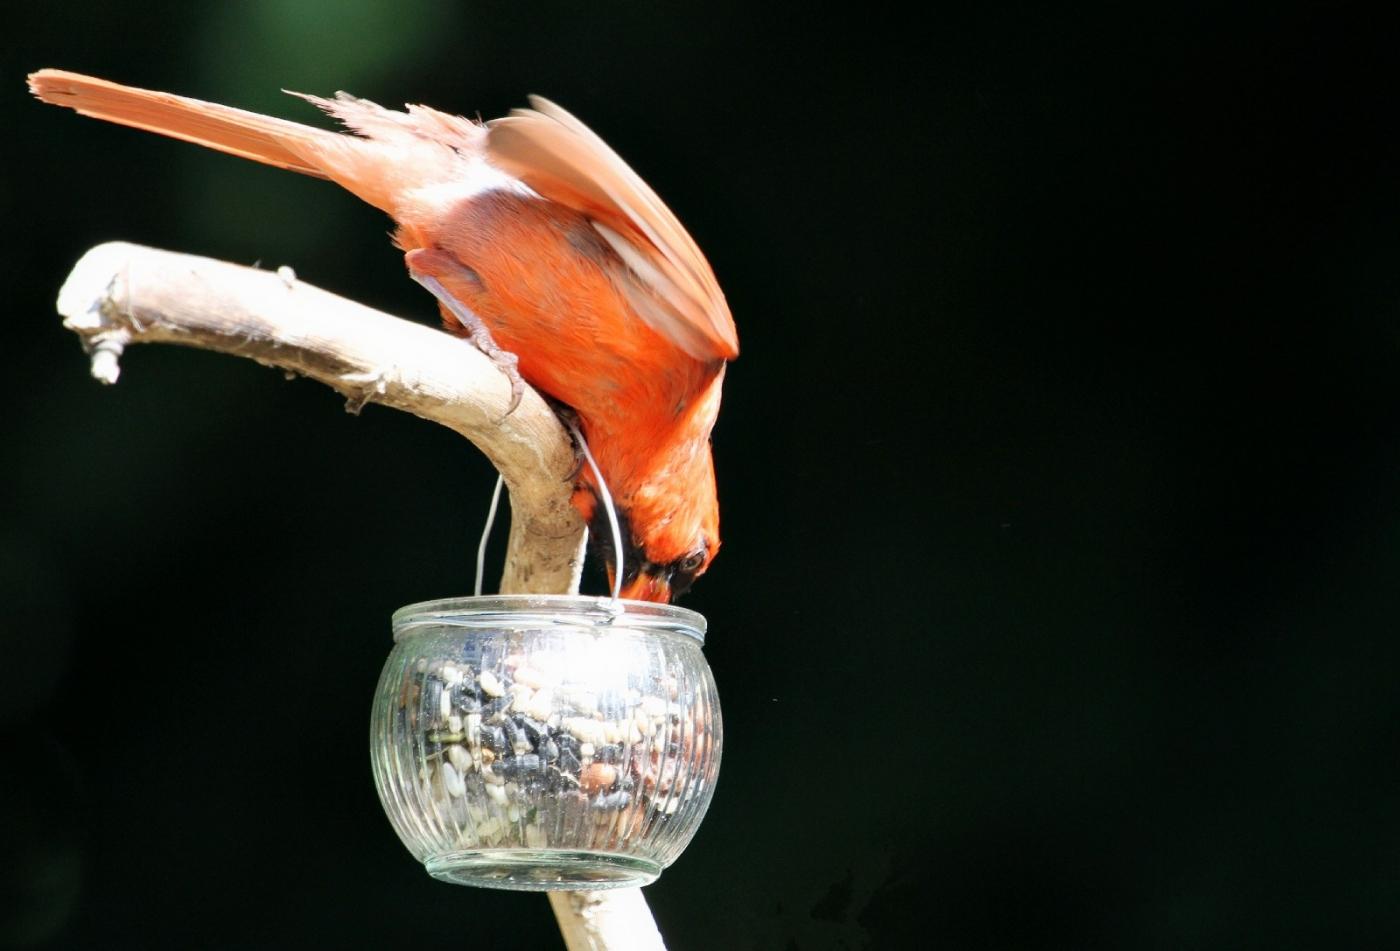 【田螺摄影】做个漂亮的喂鸟器更吸引红衣主教_图1-2